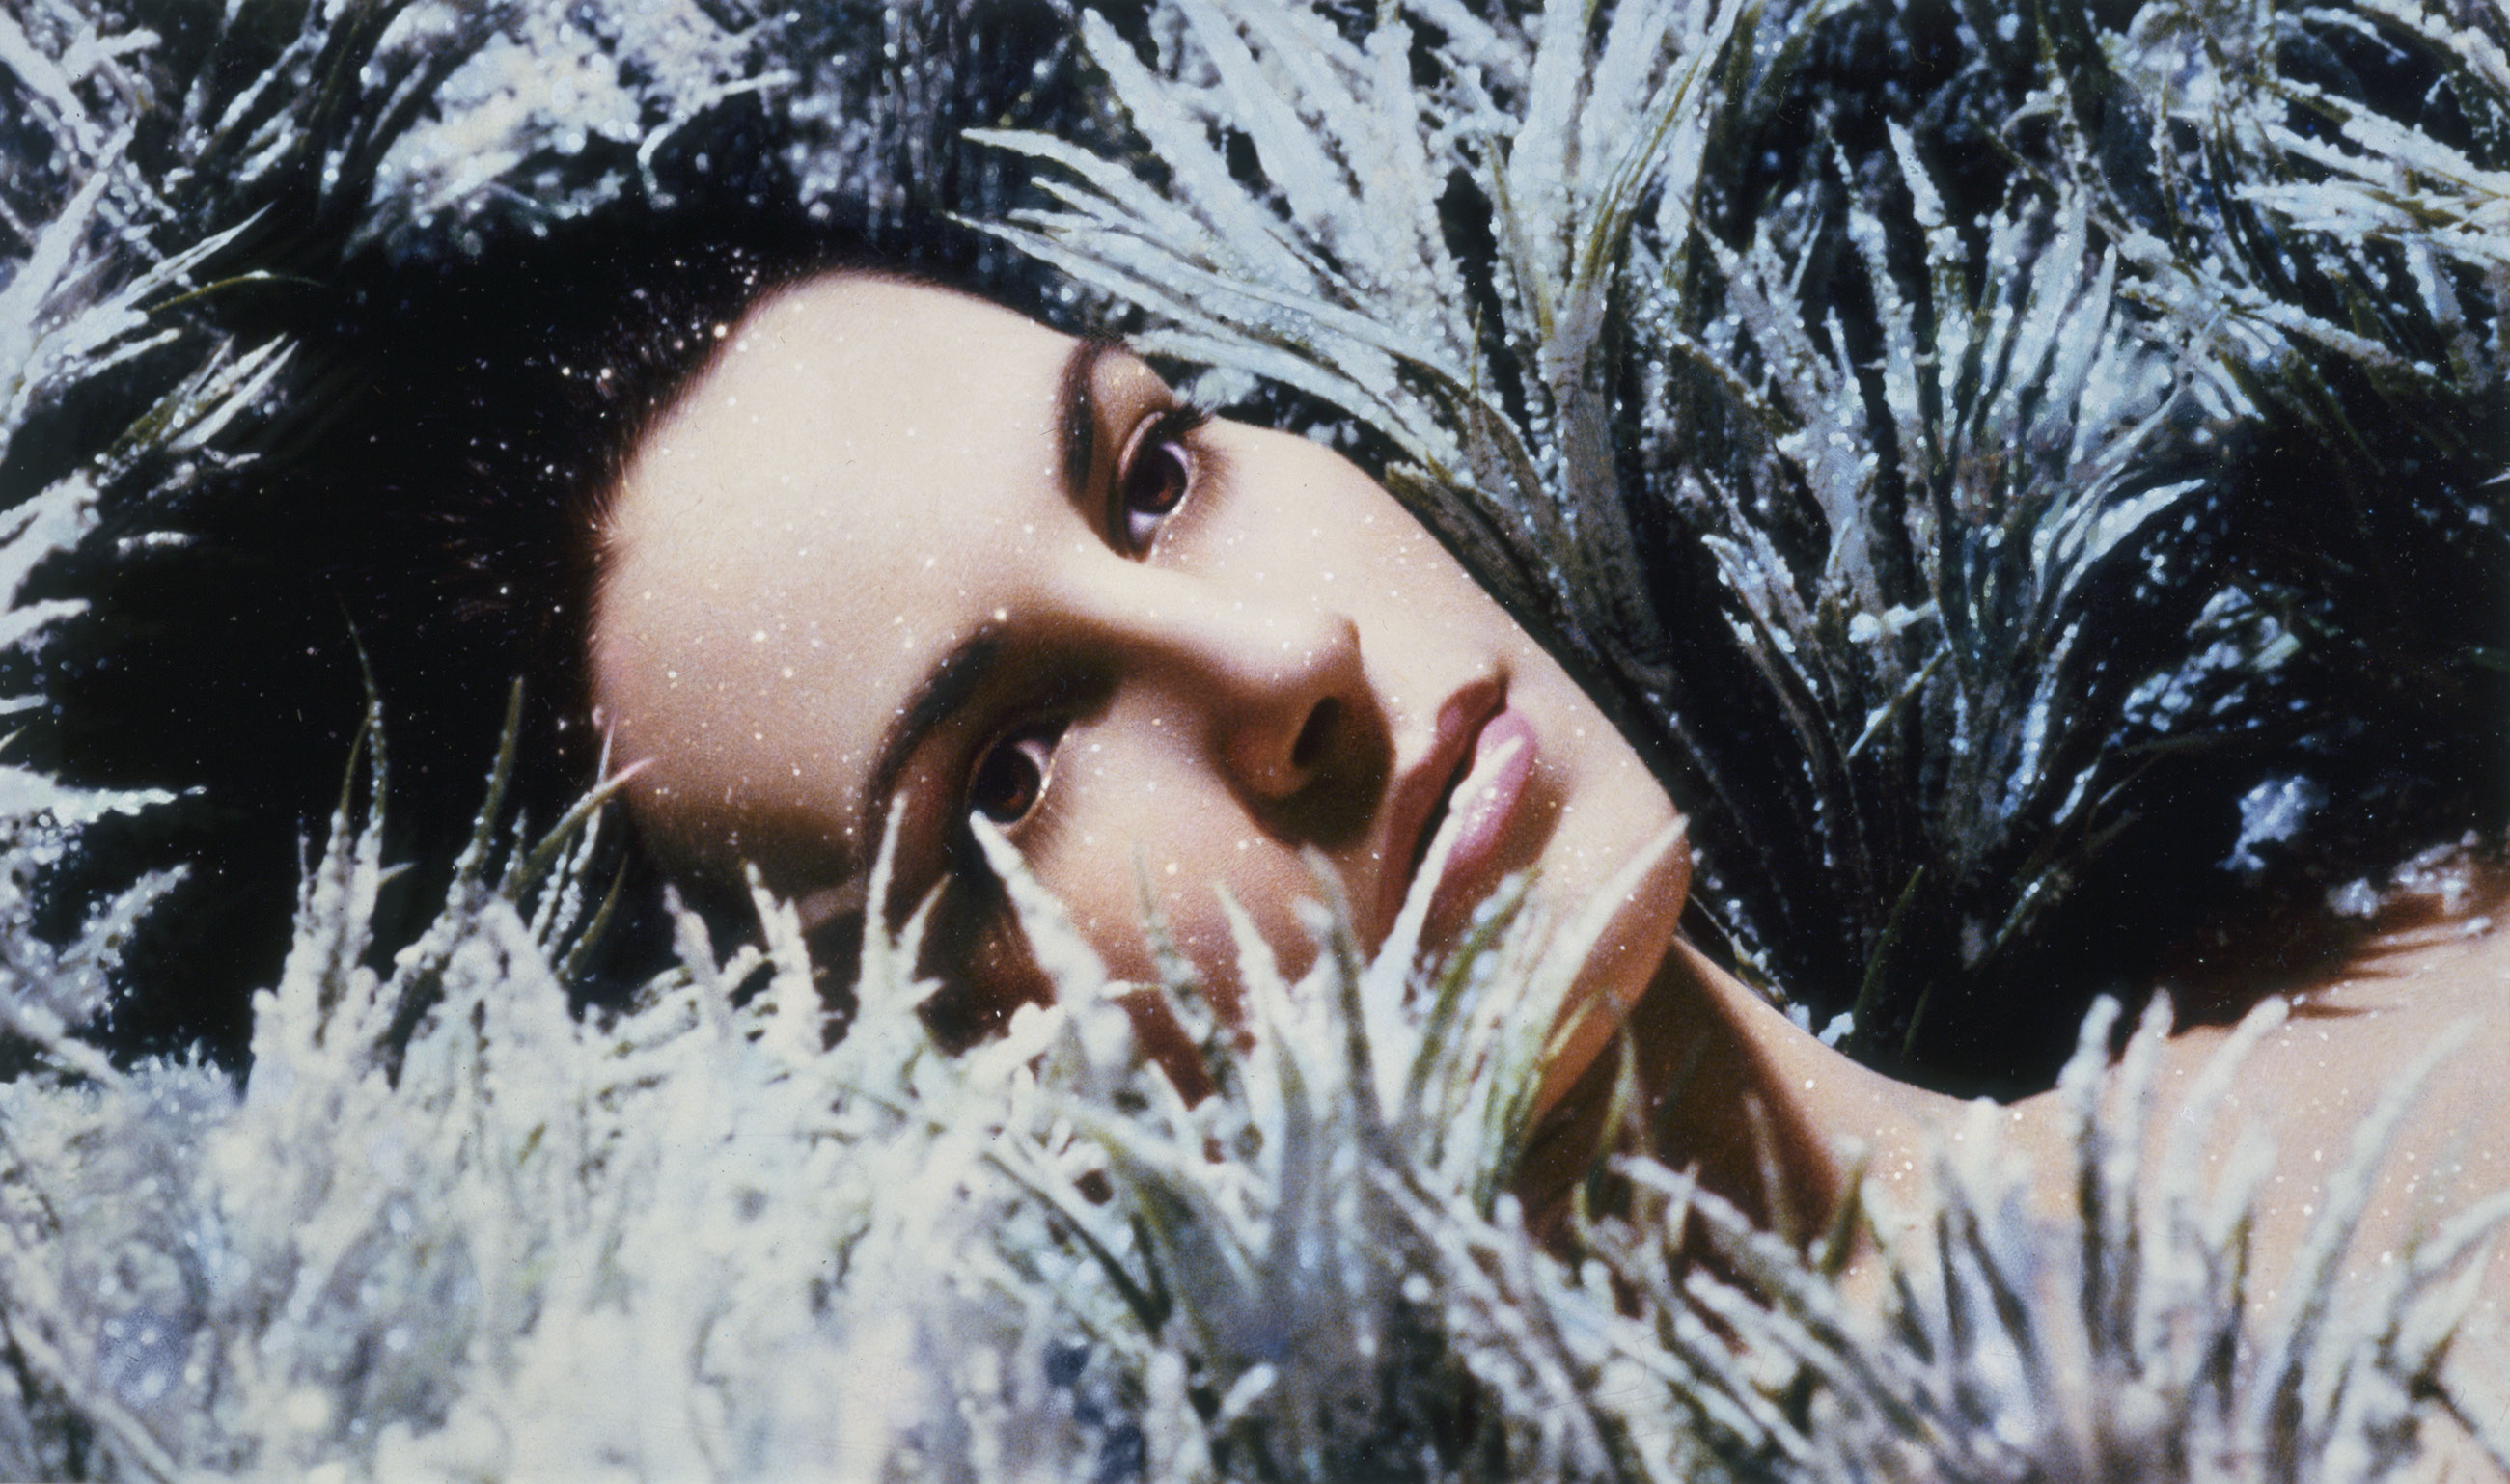 Lio dans les herbes, 1984, Pierre et Gilles, Épreuve à développement chromogène peinte.